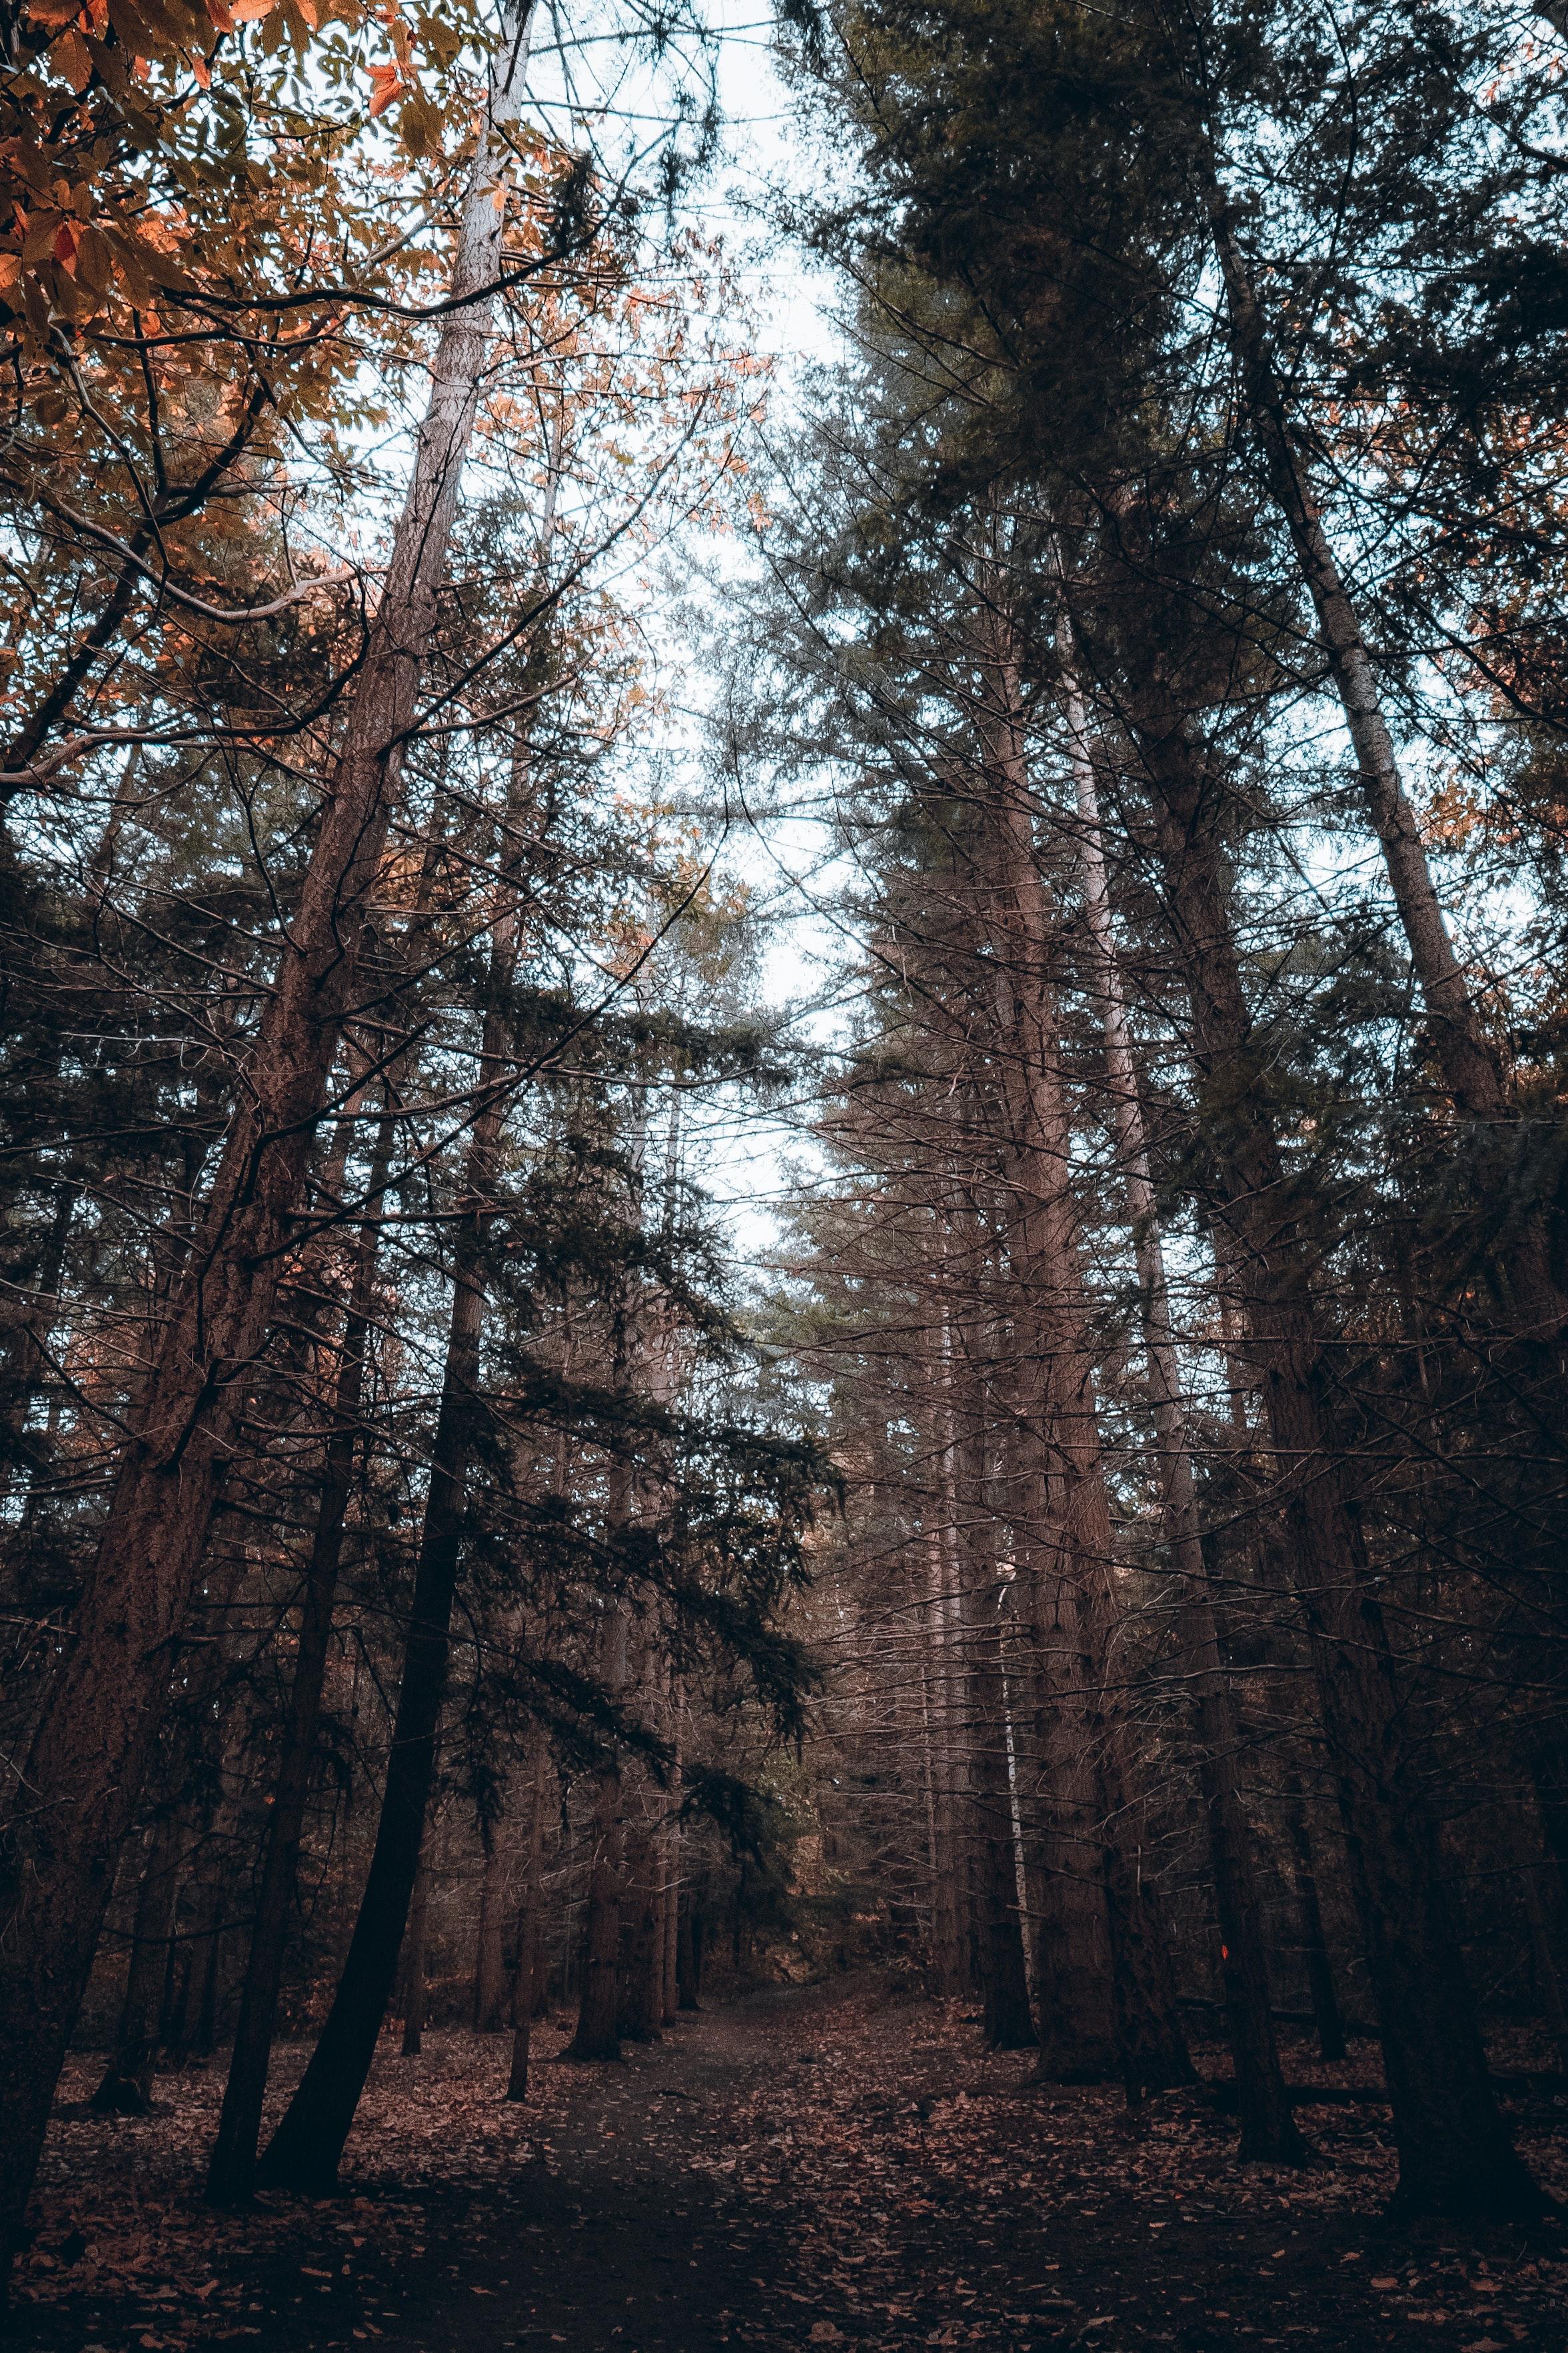 157759 скачать обои Природа, Лес, Деревья, Хвойный, Сосны - заставки и картинки бесплатно